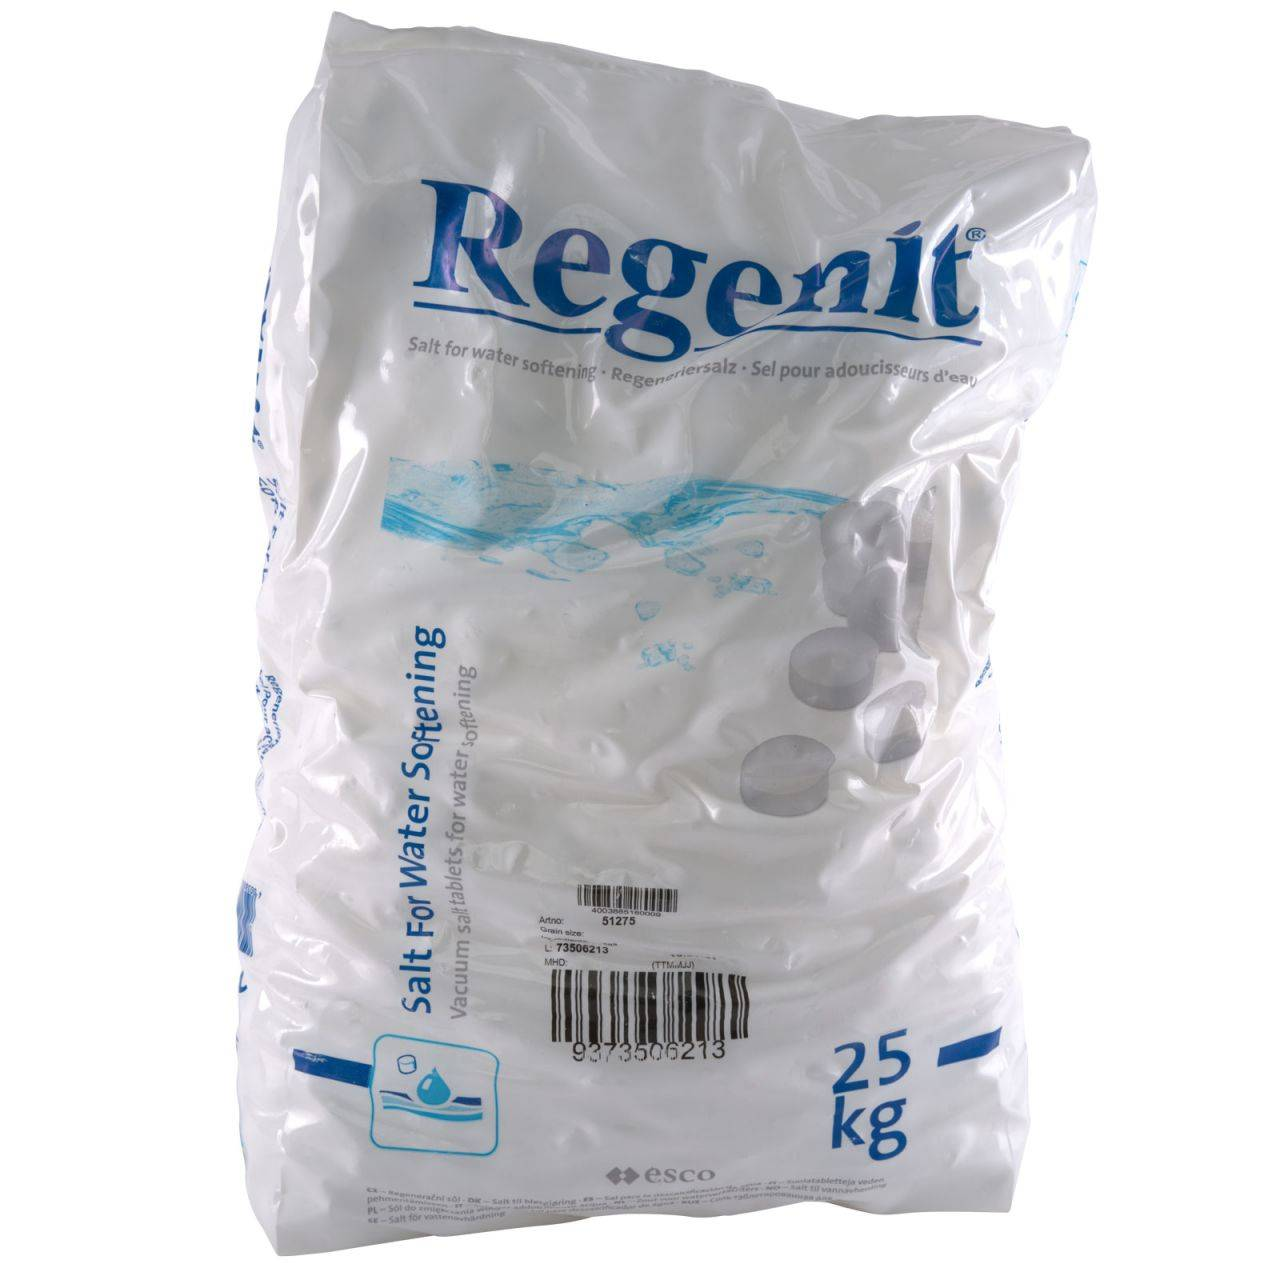 Regenit 25 kg Tablettes de sel raffiné Regenit® pour la régénération des adoucisseurs...